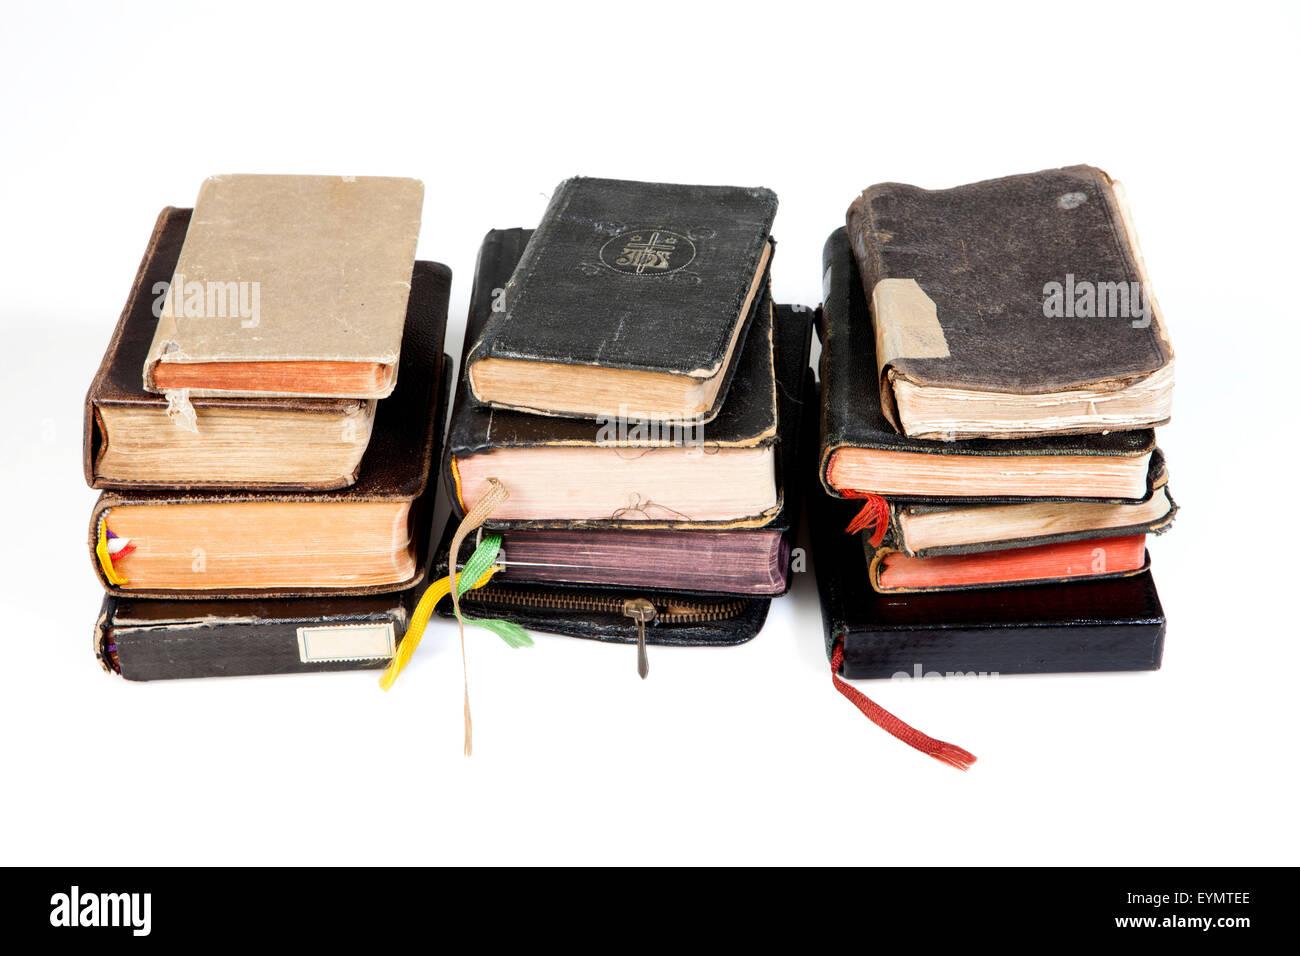 Old Catholic prayer books - Stock Image